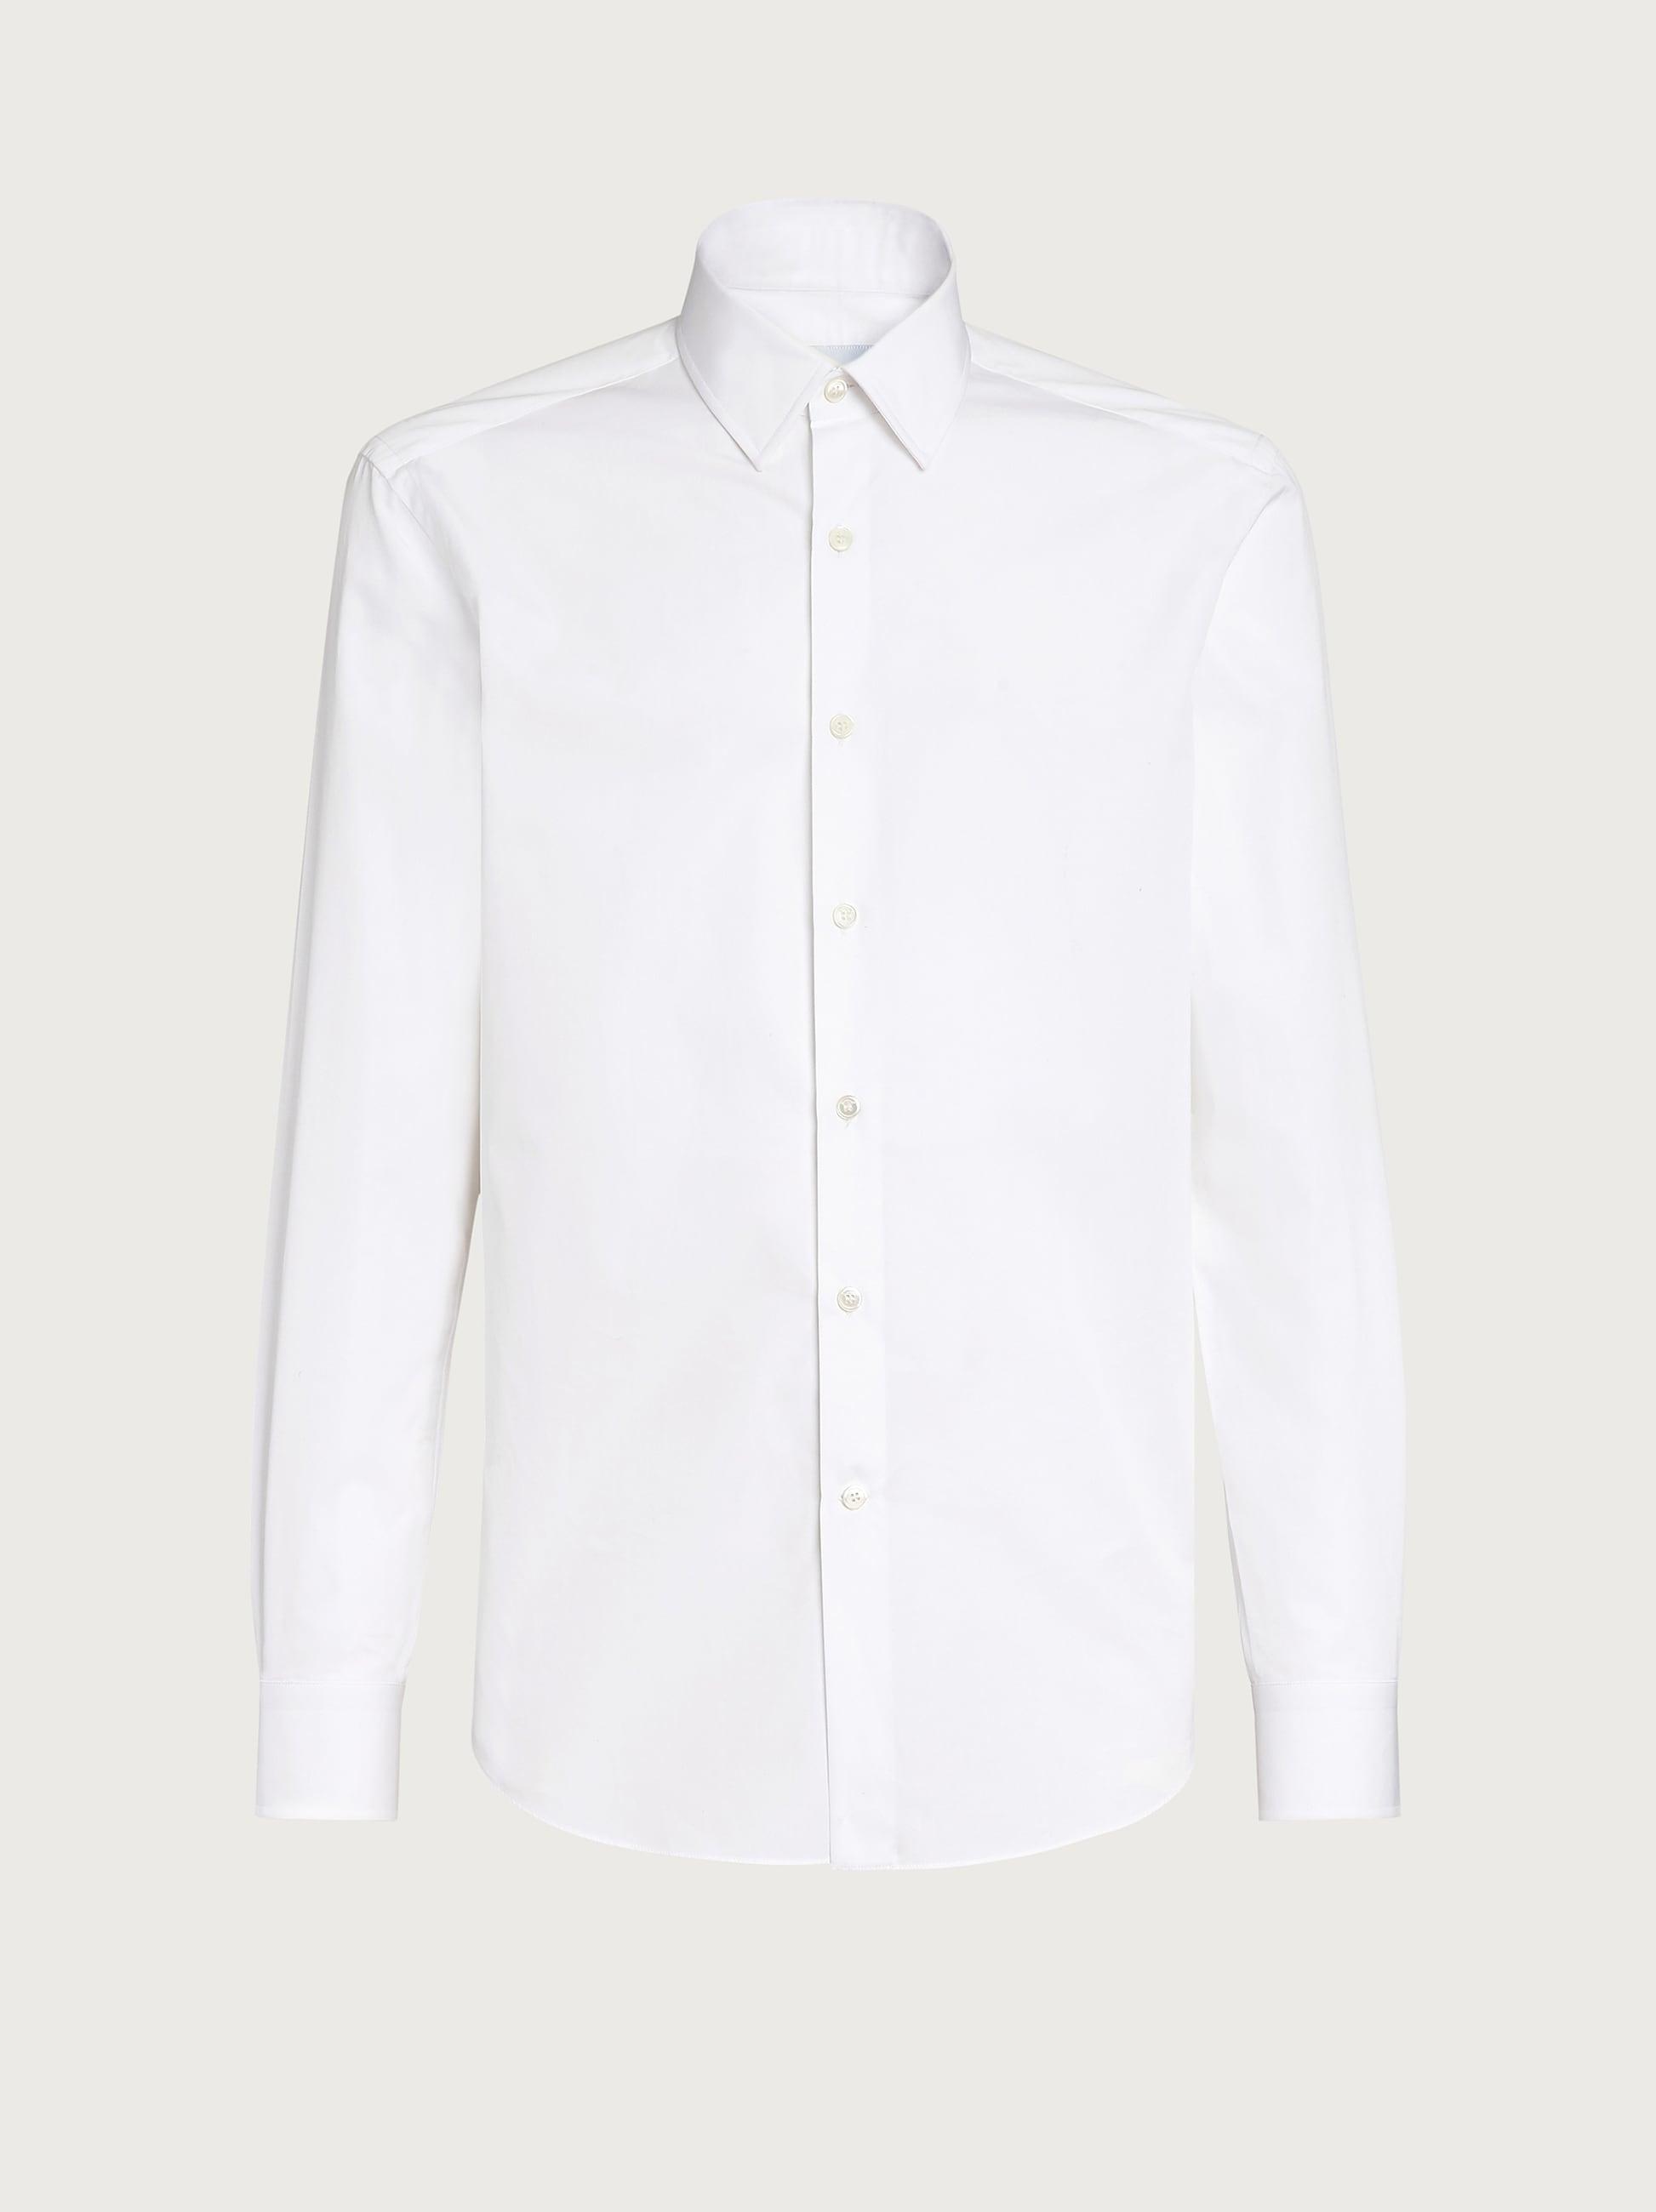 חולצה Salvatore Ferragamo  לגבר